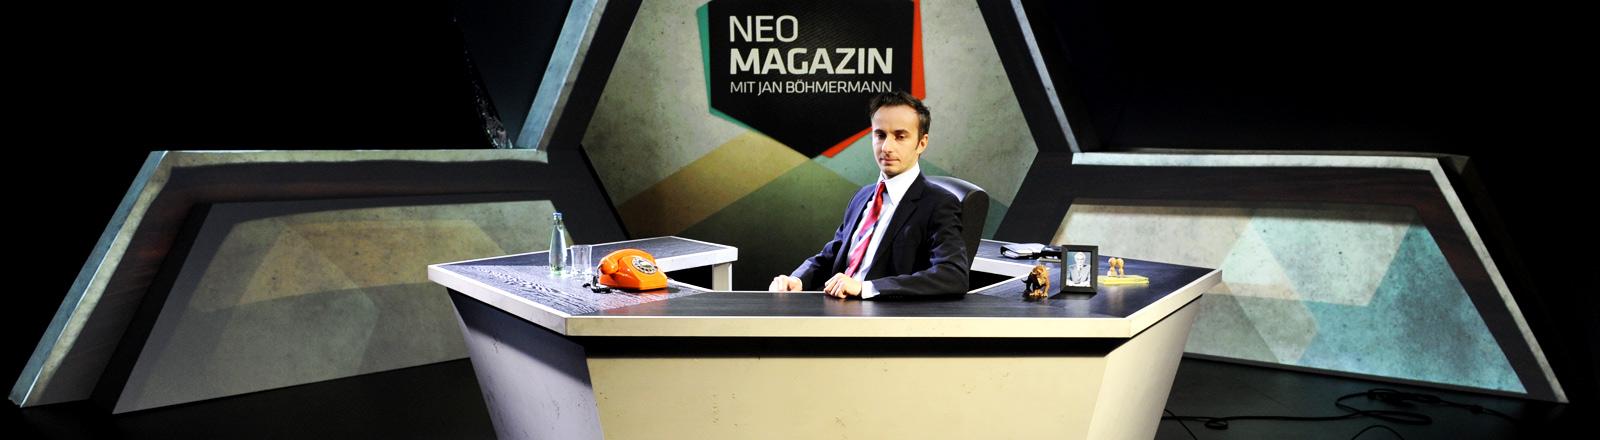 Jan Böhmermann sitzt im ersten Studio des Neo Magazins.